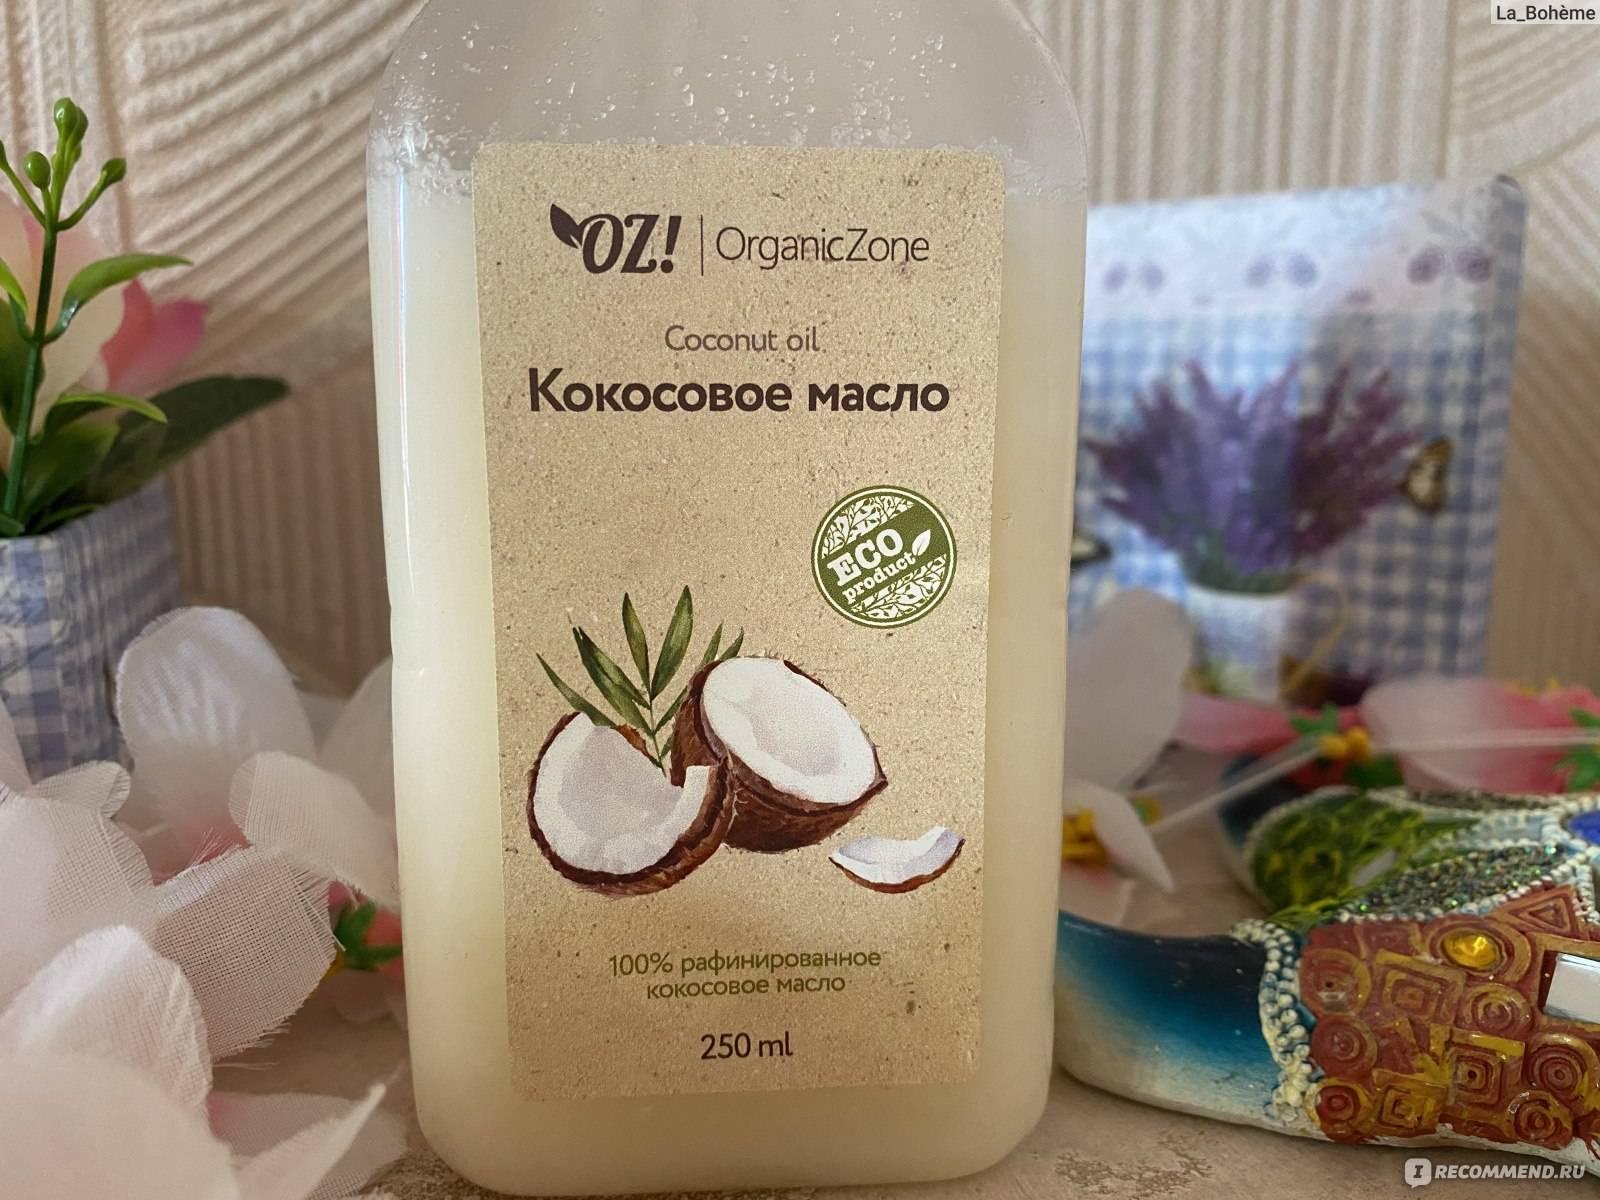 Кокосовое масло от растяжек при беременности: помогает ли масло против растяжек? отзывы о применении